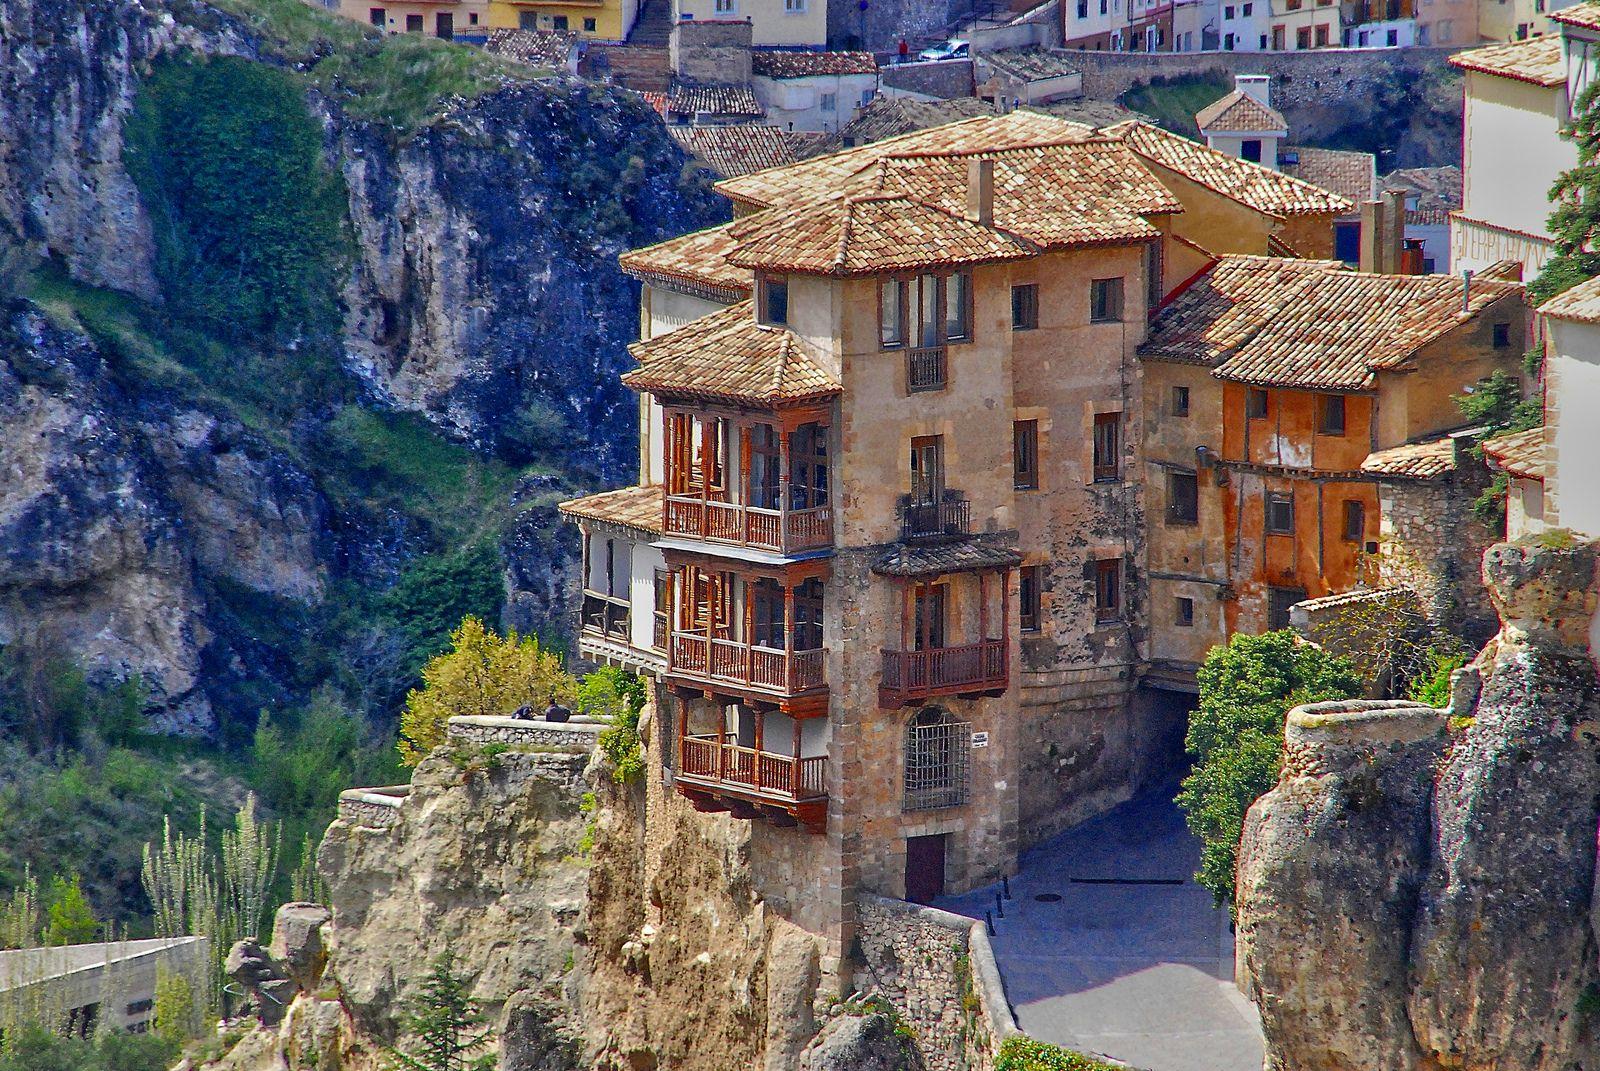 Casas Colgadas Cuenca Spain [2048 x 1371] via Classy